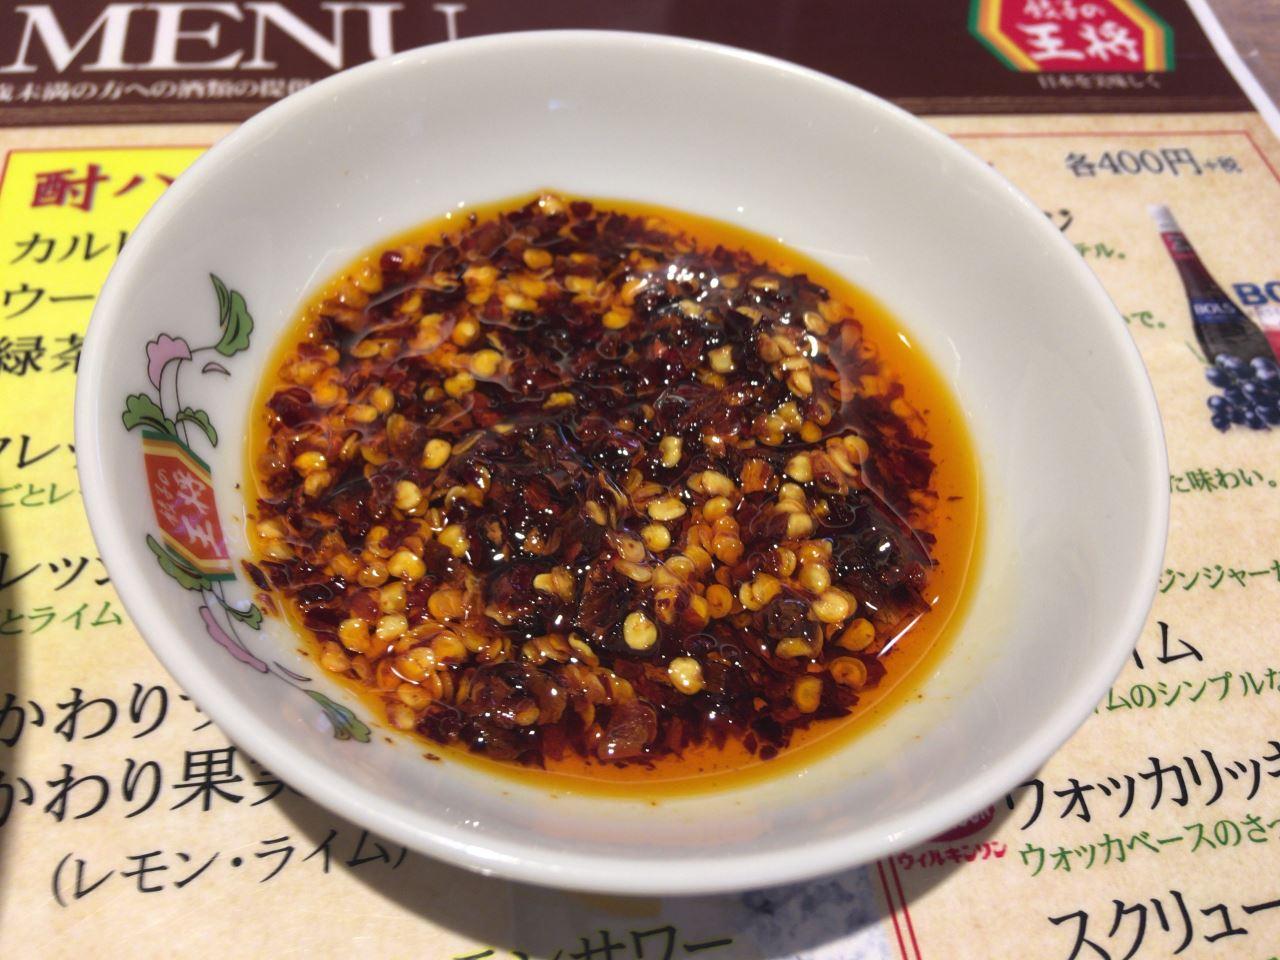 小皿のラー油:餃子の王将